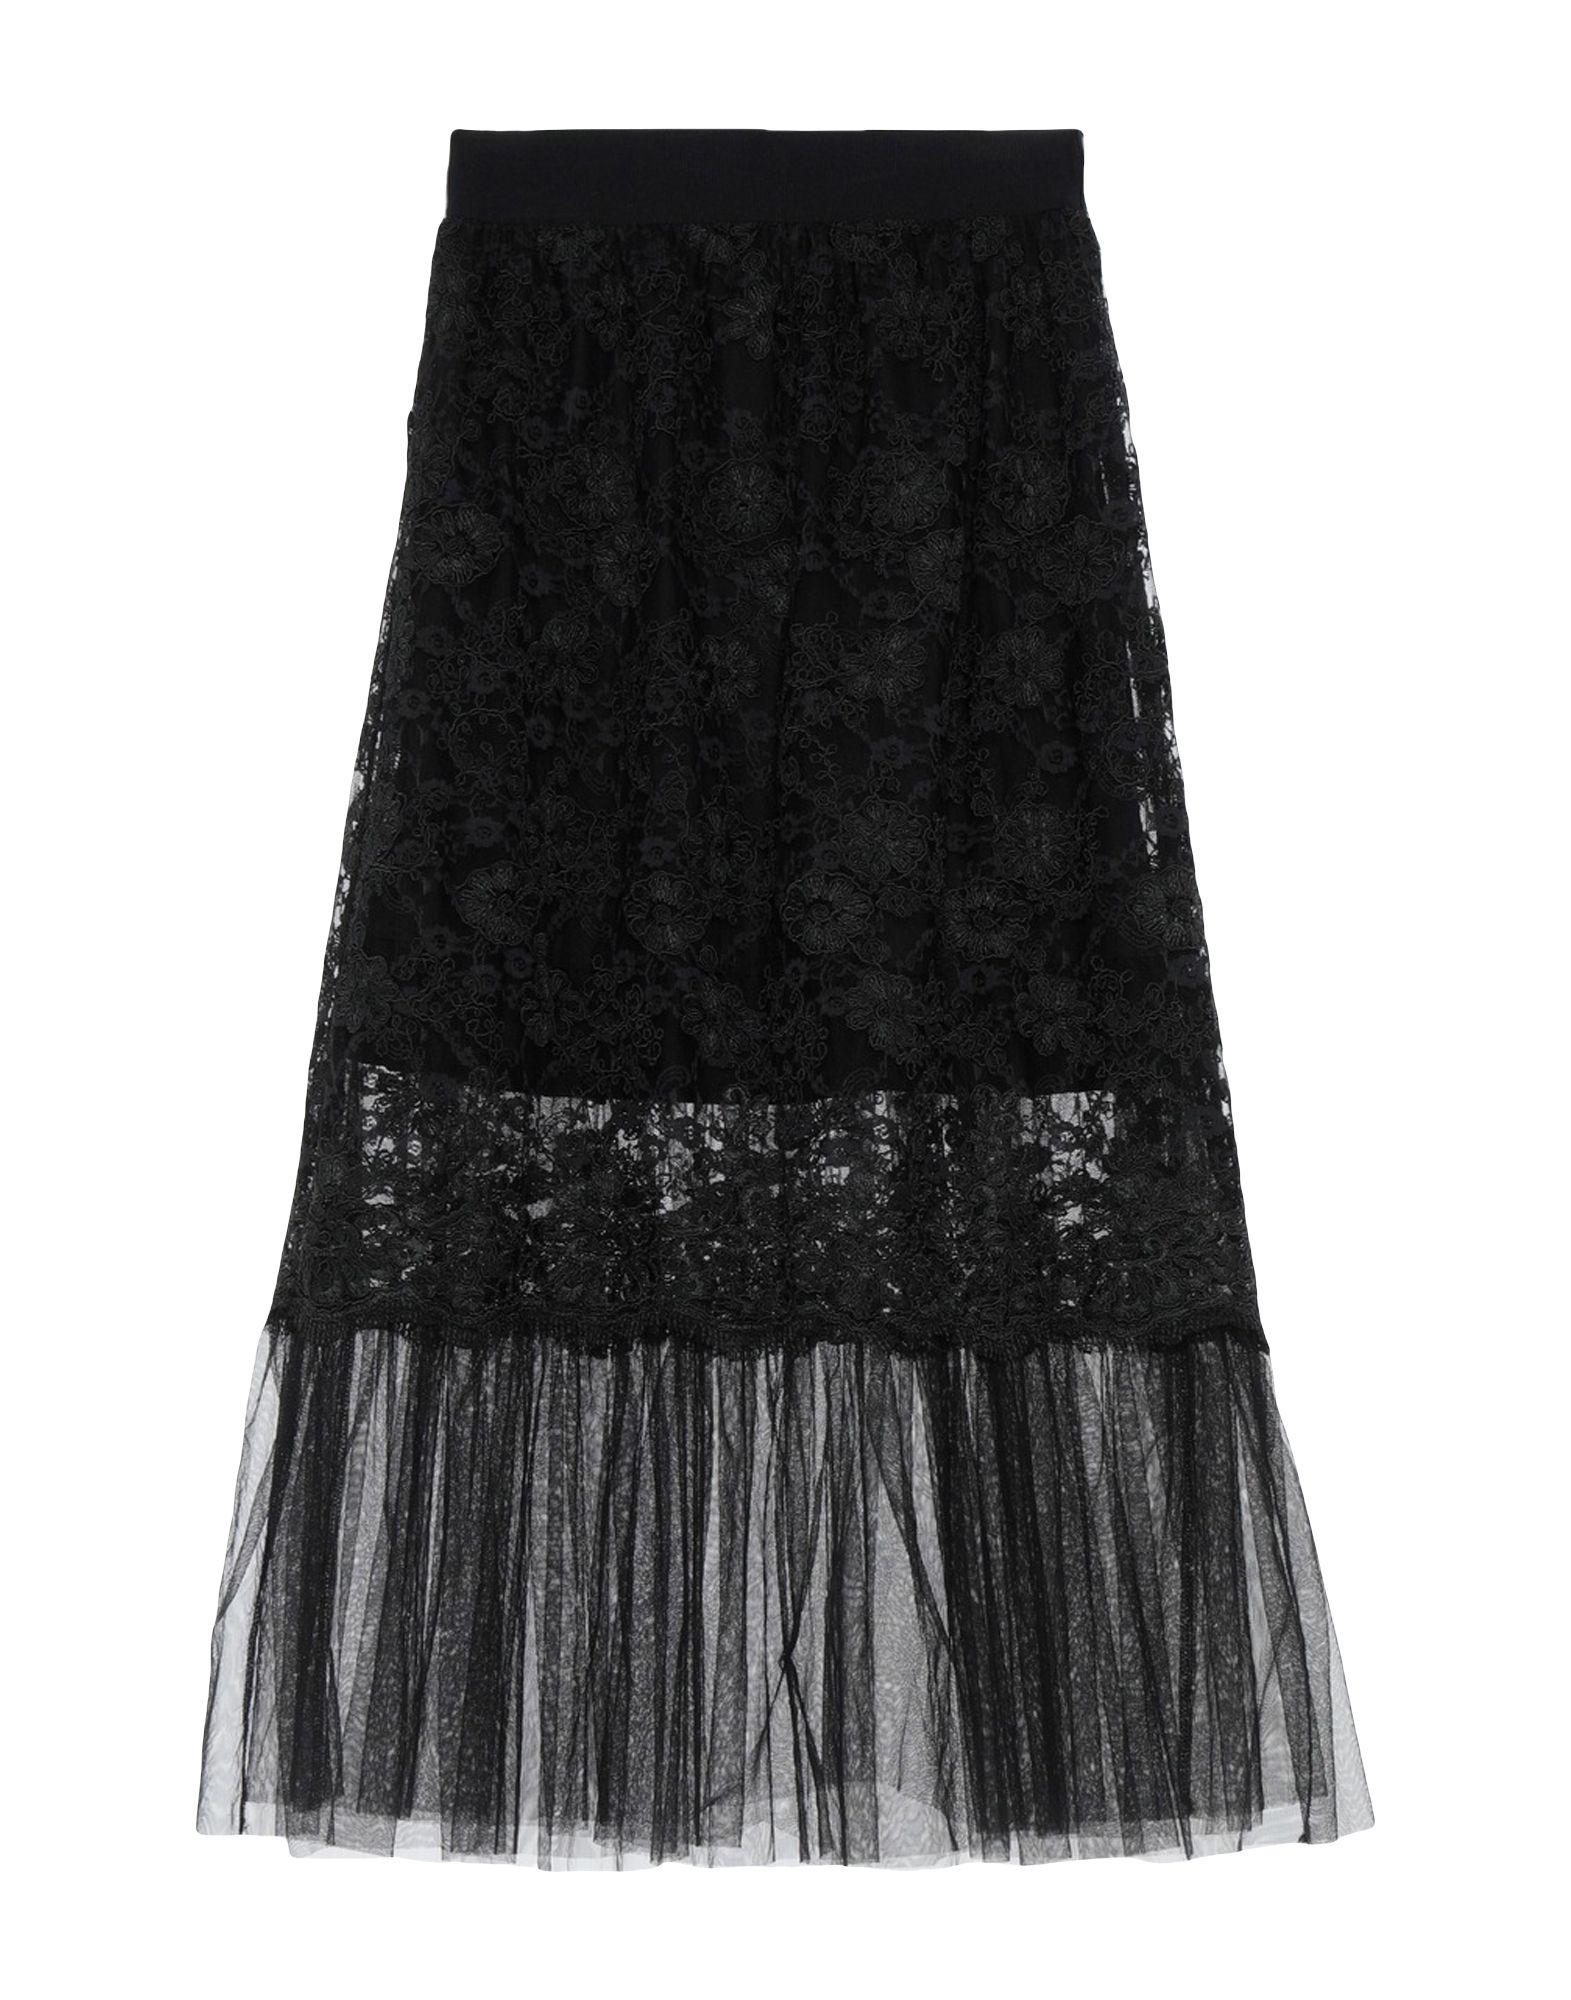 《期間限定セール開催中!》LADY CHOCOPIE レディース 7分丈スカート ブラック 40 ポリエステル 100% / ナイロン